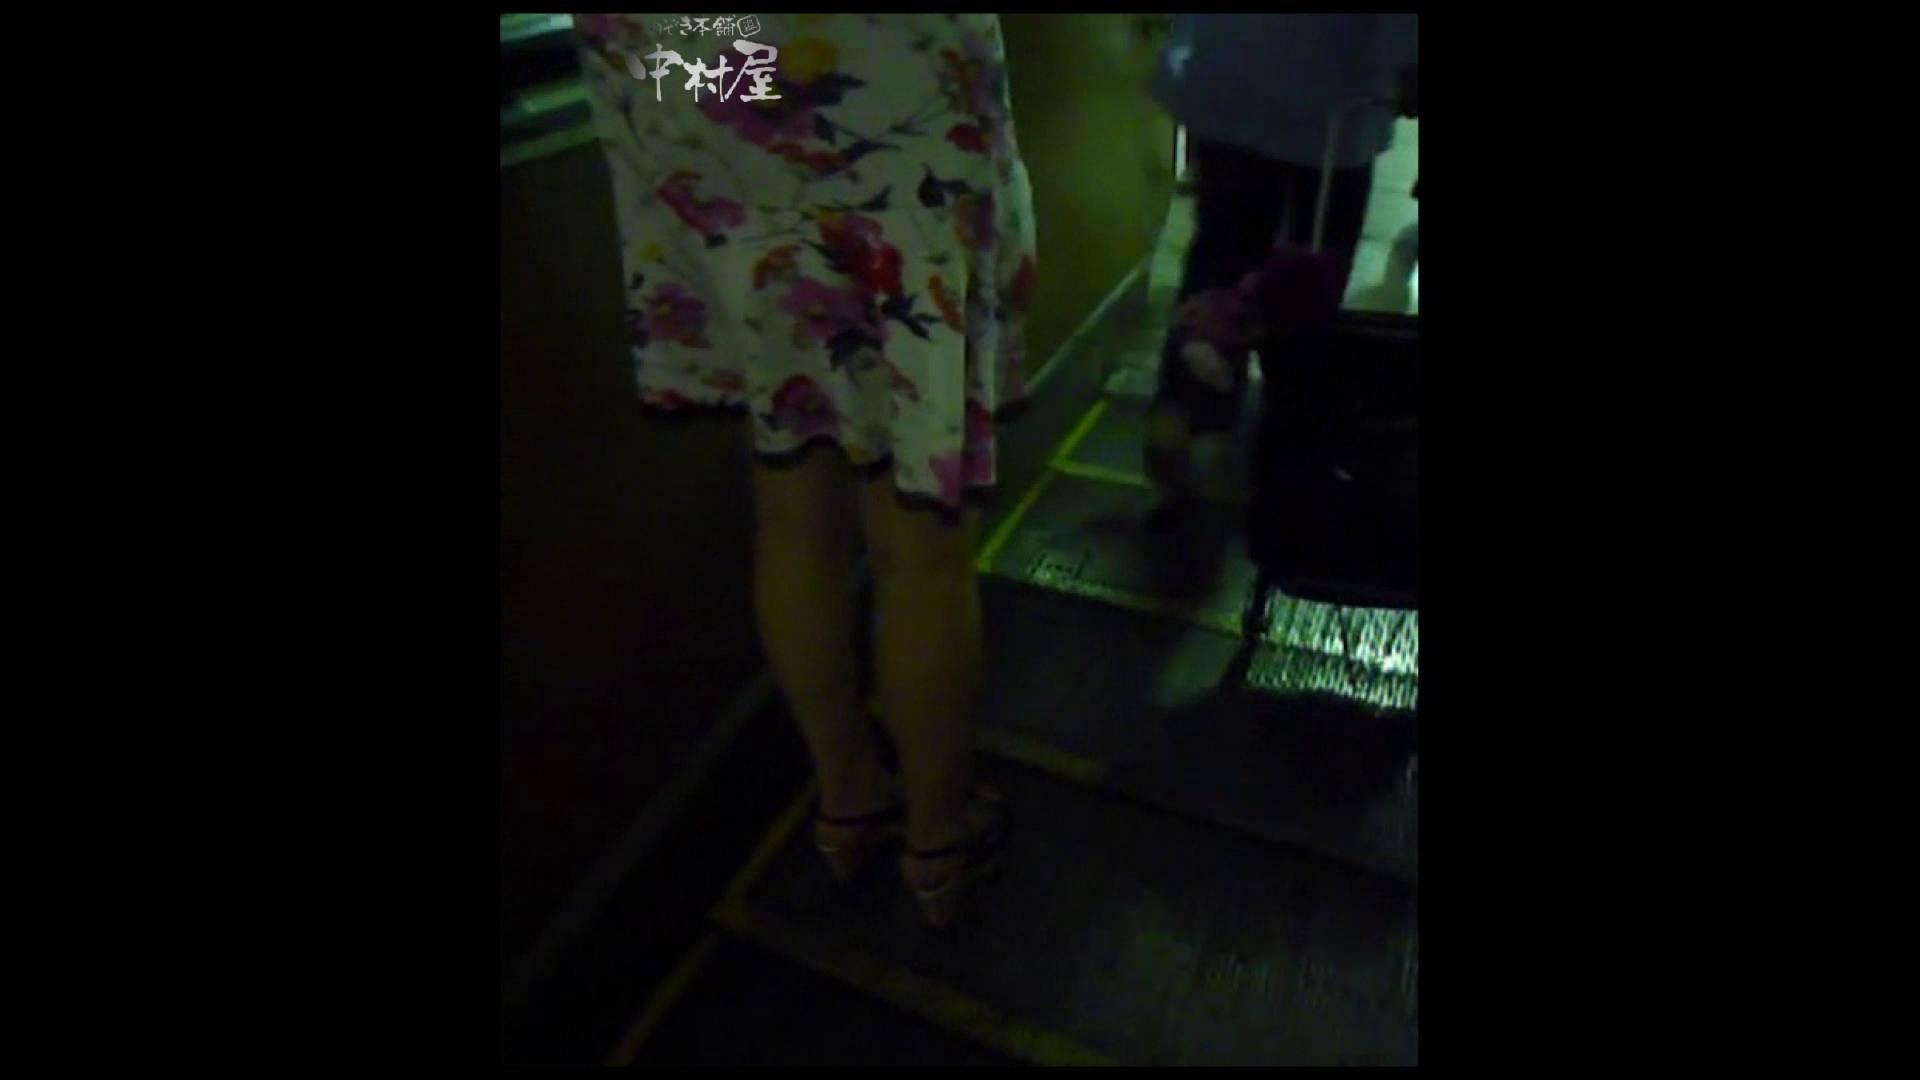 綺麗なモデルさんのスカート捲っちゃおう‼ vol29 0   0  68pic 61